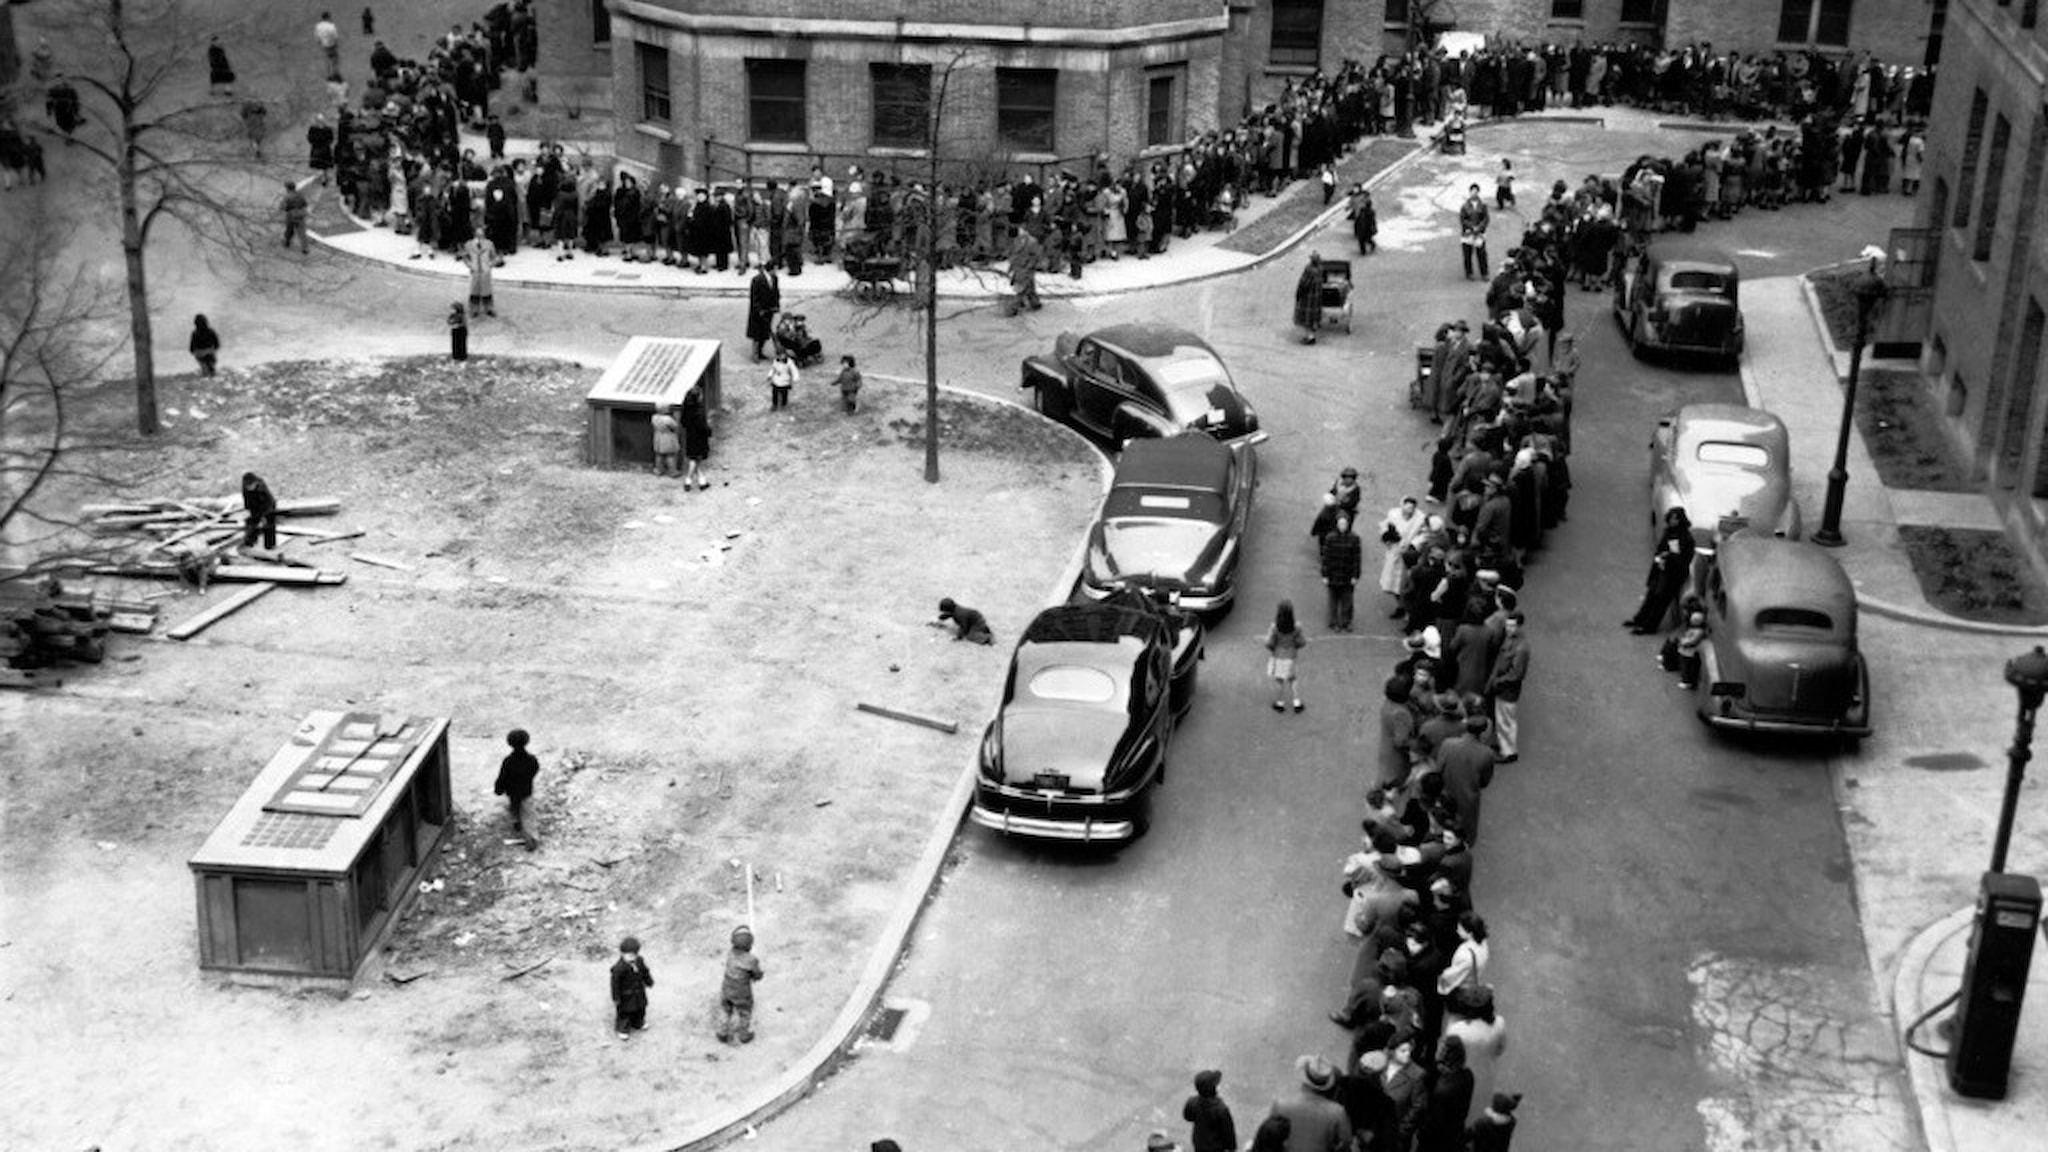 Ringlande kö med människor för smittkoppsvaccinering i New York 1947.